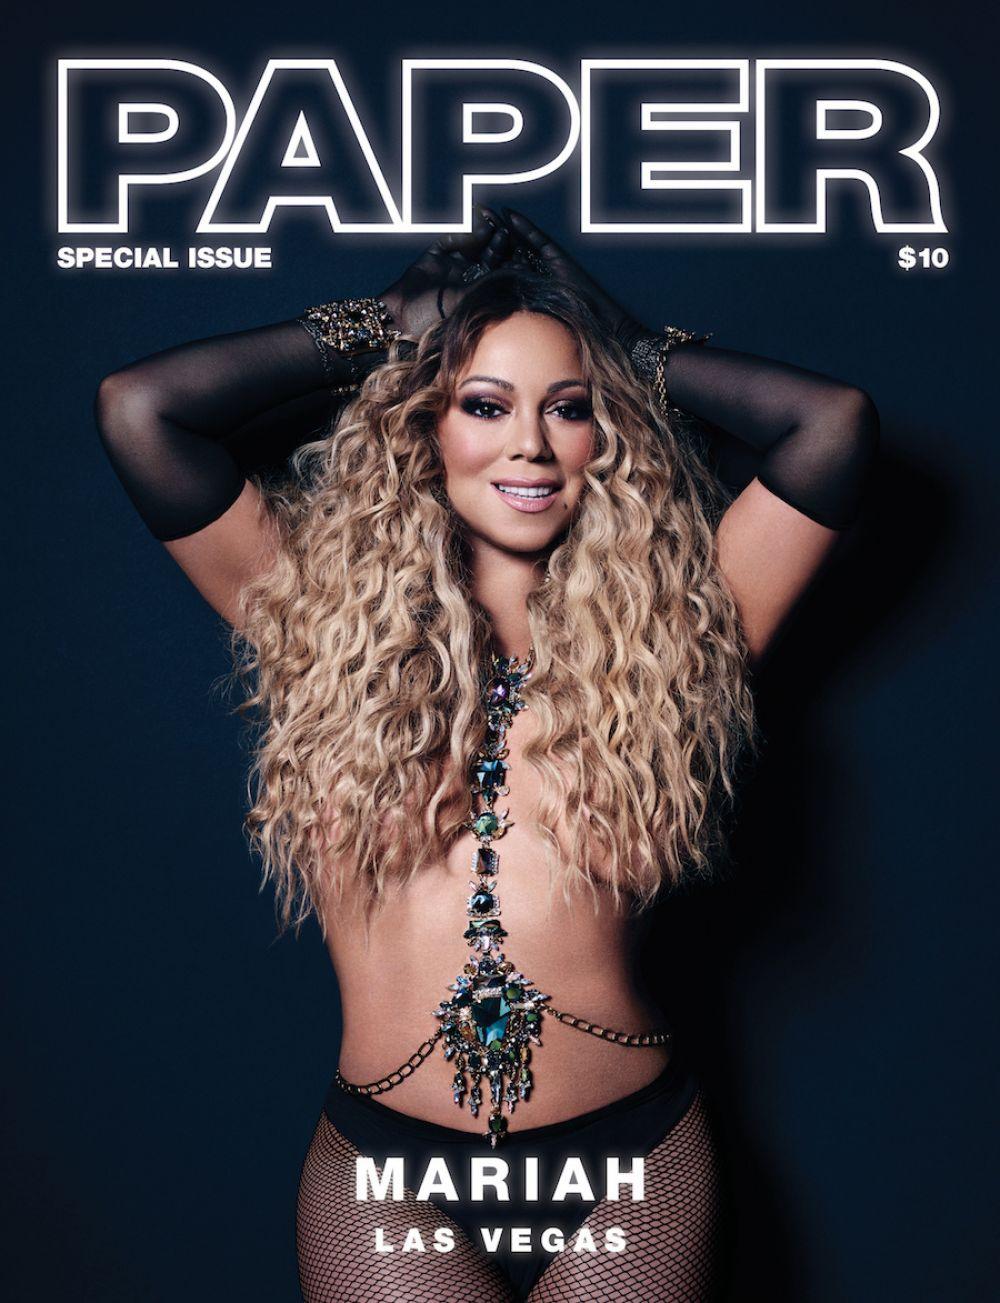 MARIAH CAREY for Paper Magazine, Las Vegas Issue 2017